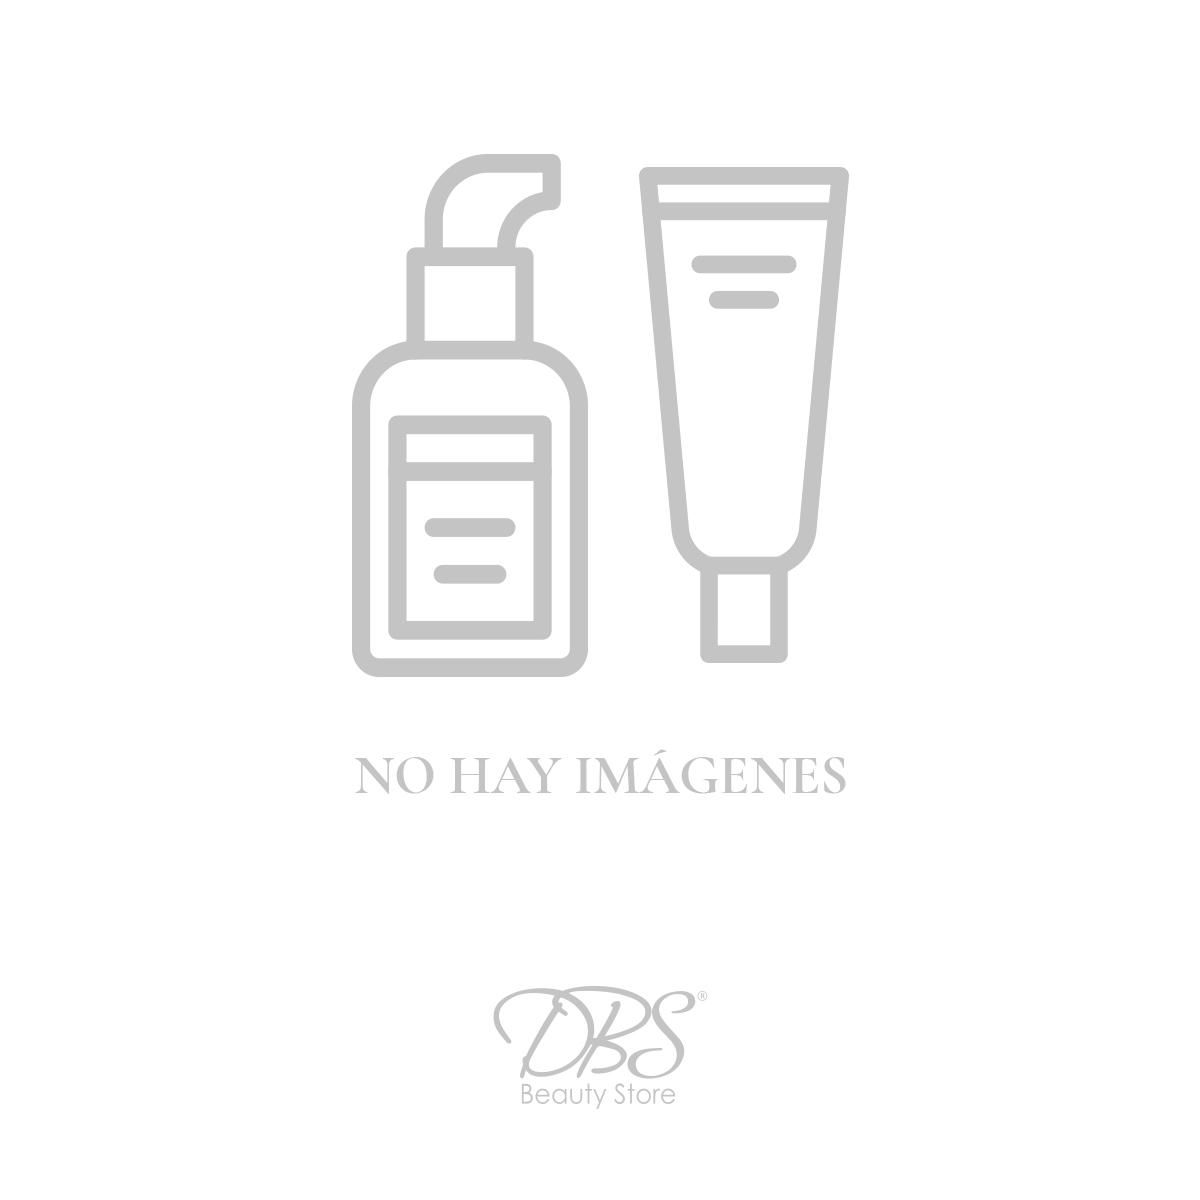 bath-and-body-works-BW-90854.jpg